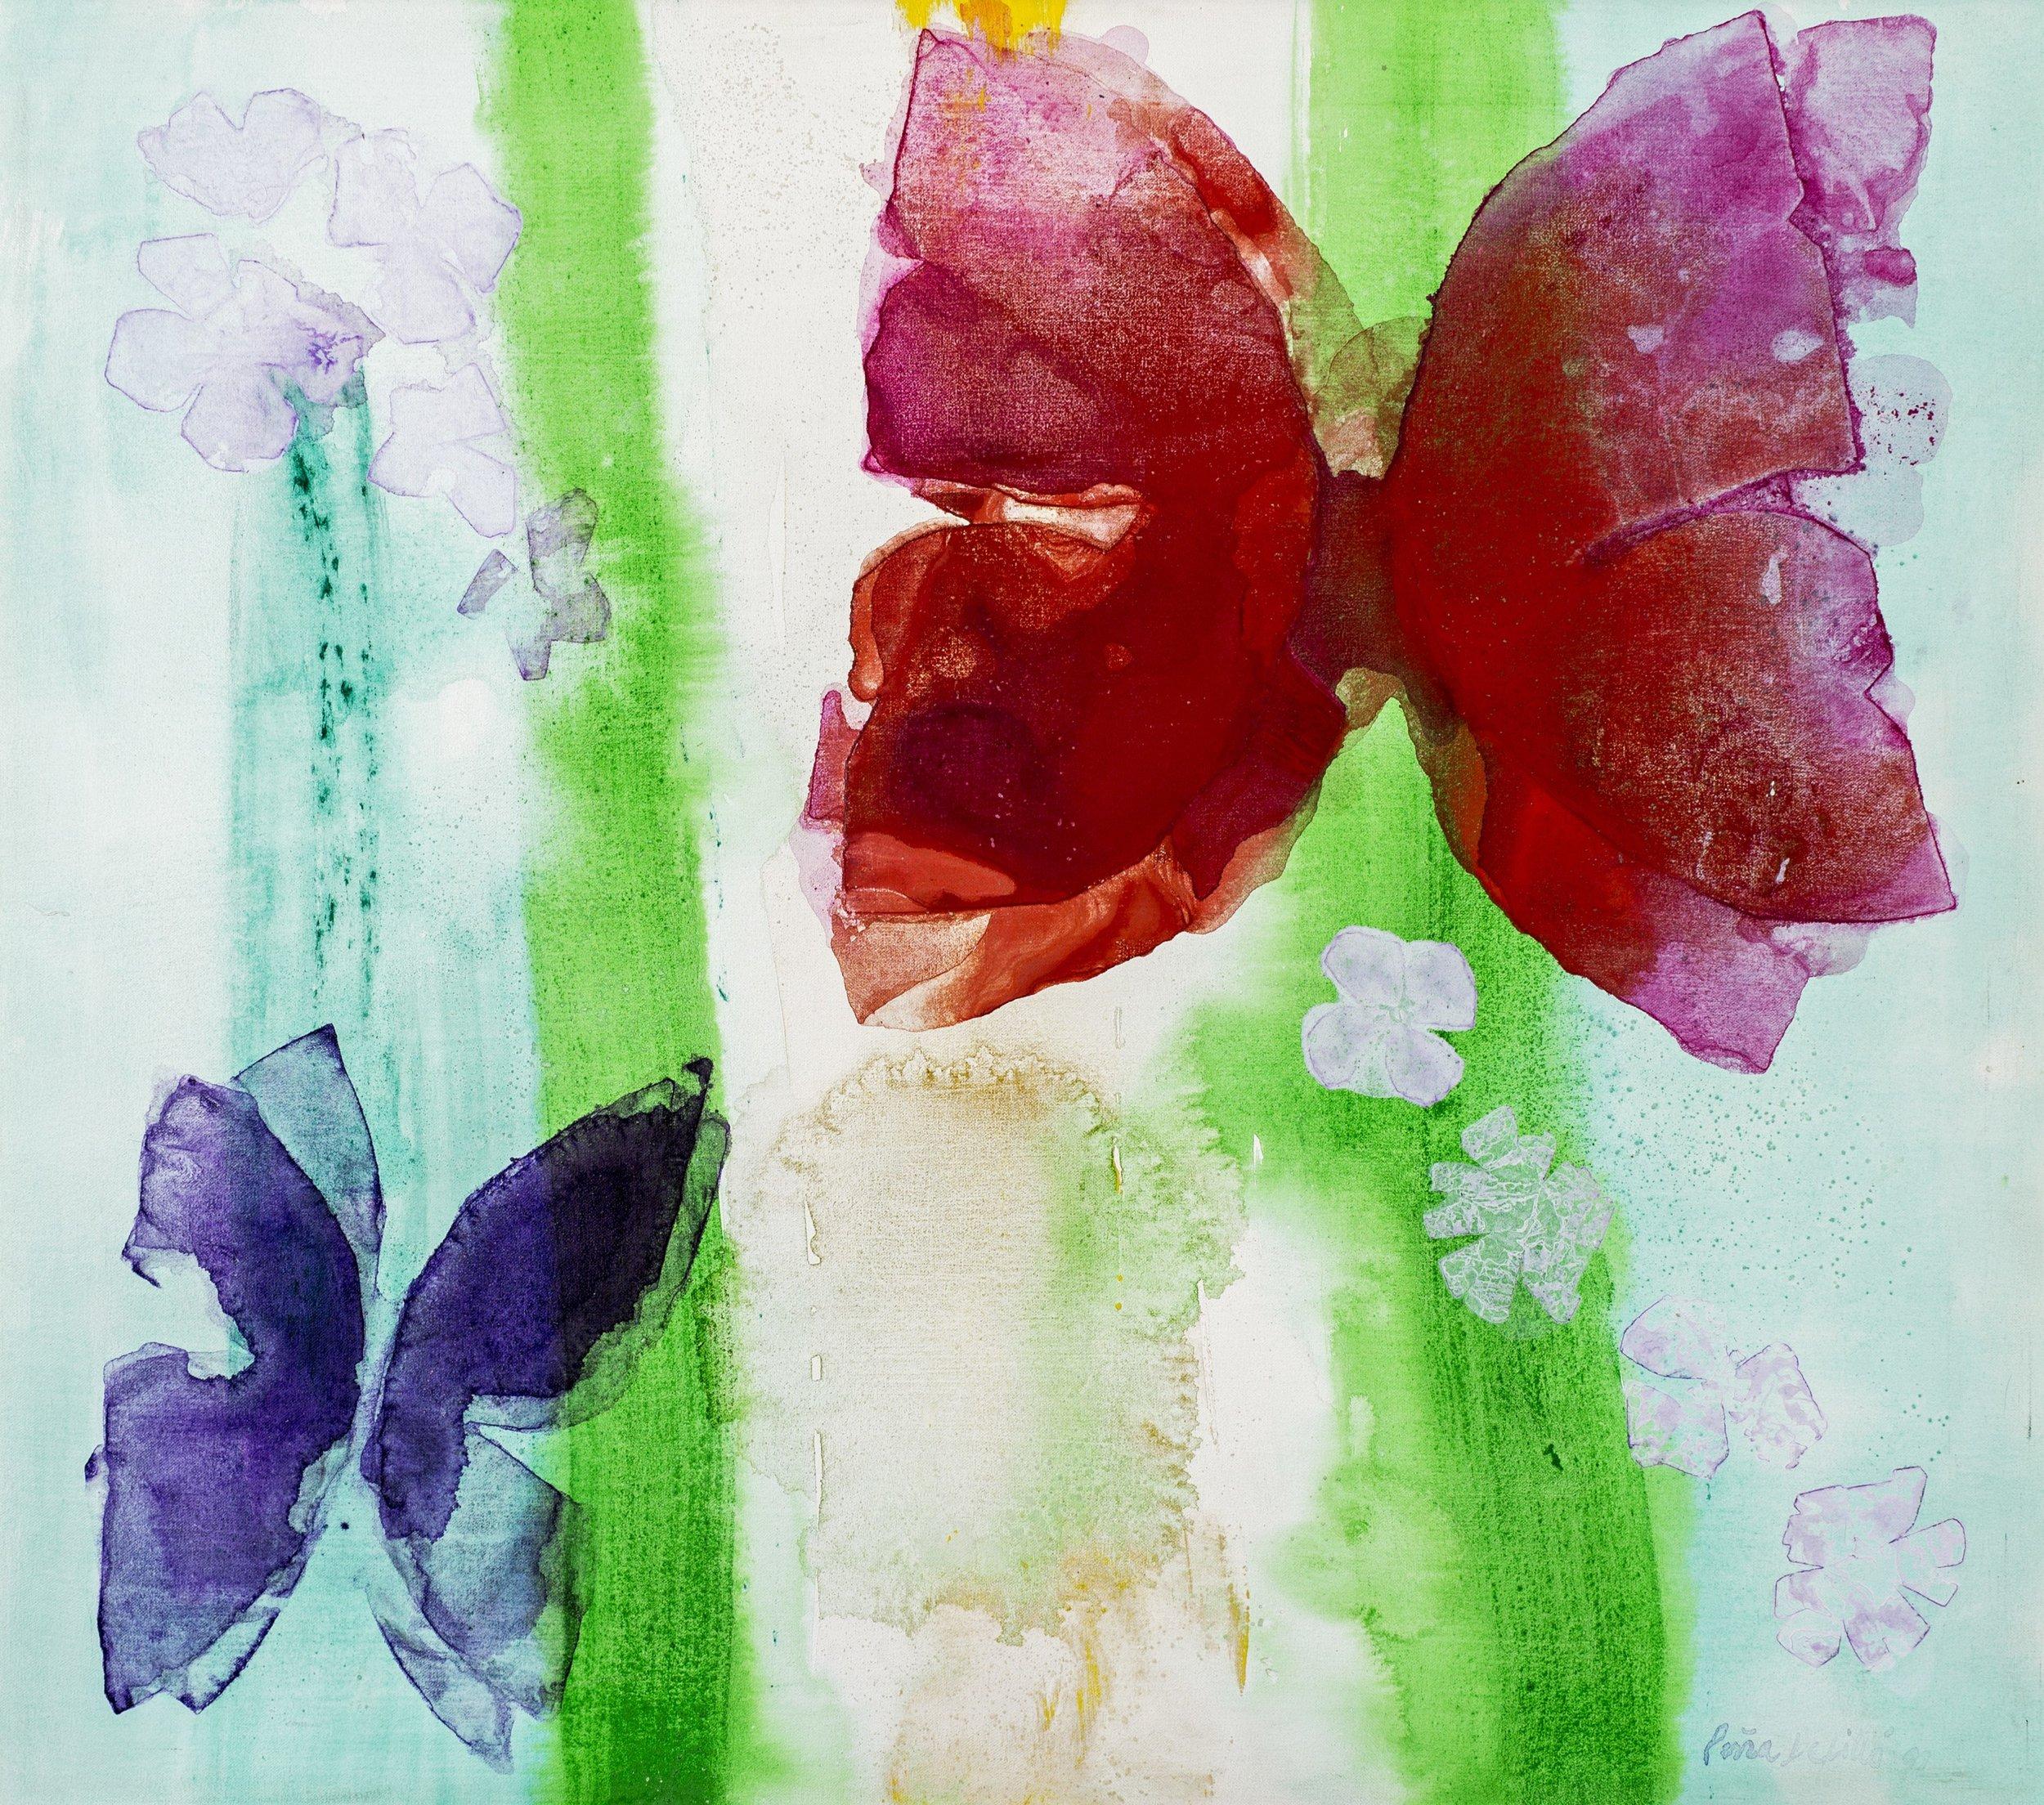 """1997_Serie-Almas mariposas_Acrílico sobre tela _30 x 34"""".jpg"""